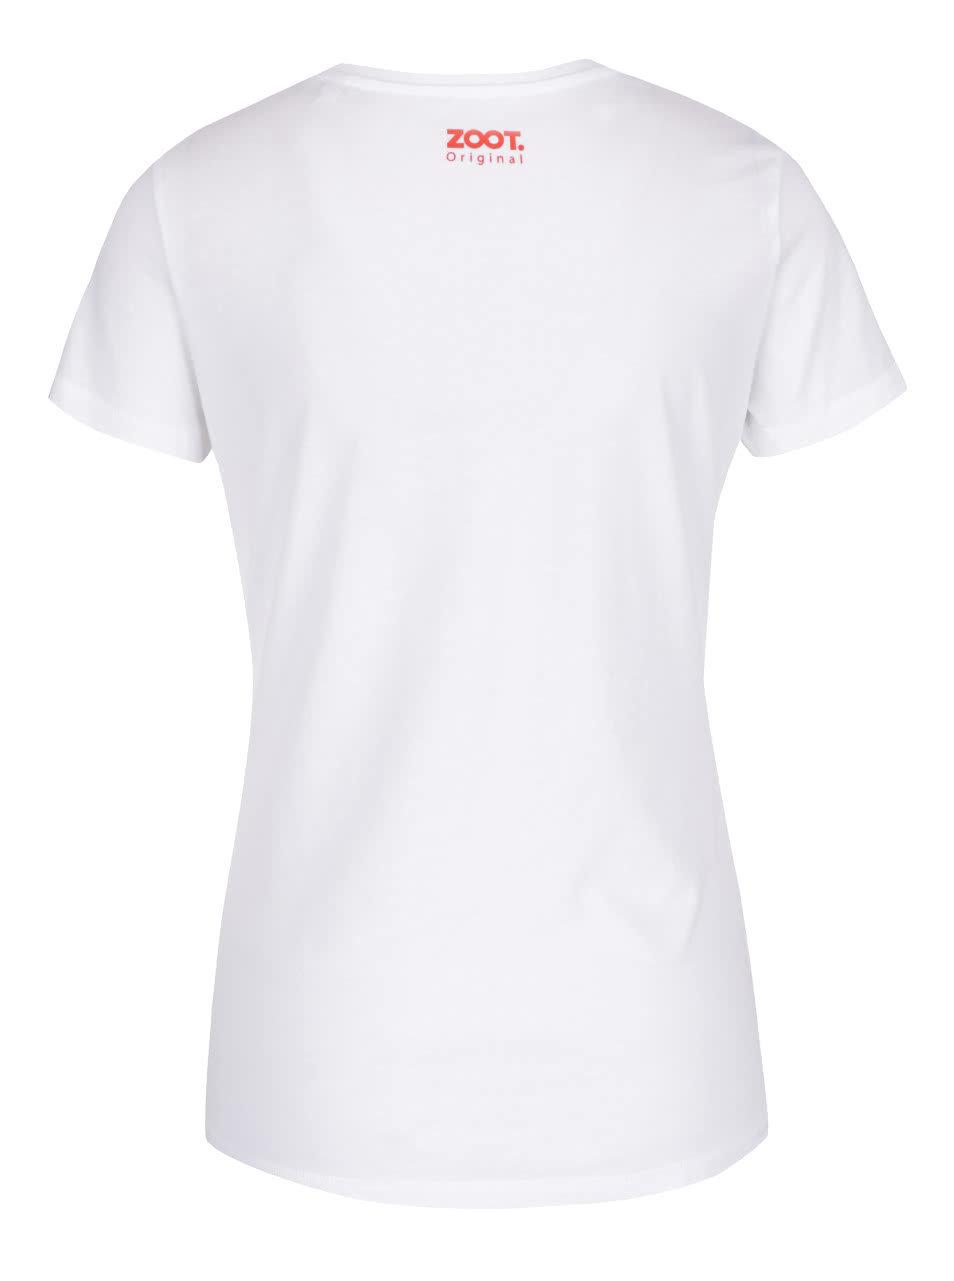 12774abecc32 Bílé dámské tričko s potiskem ZOOT Originál Šťastná a veselá ...